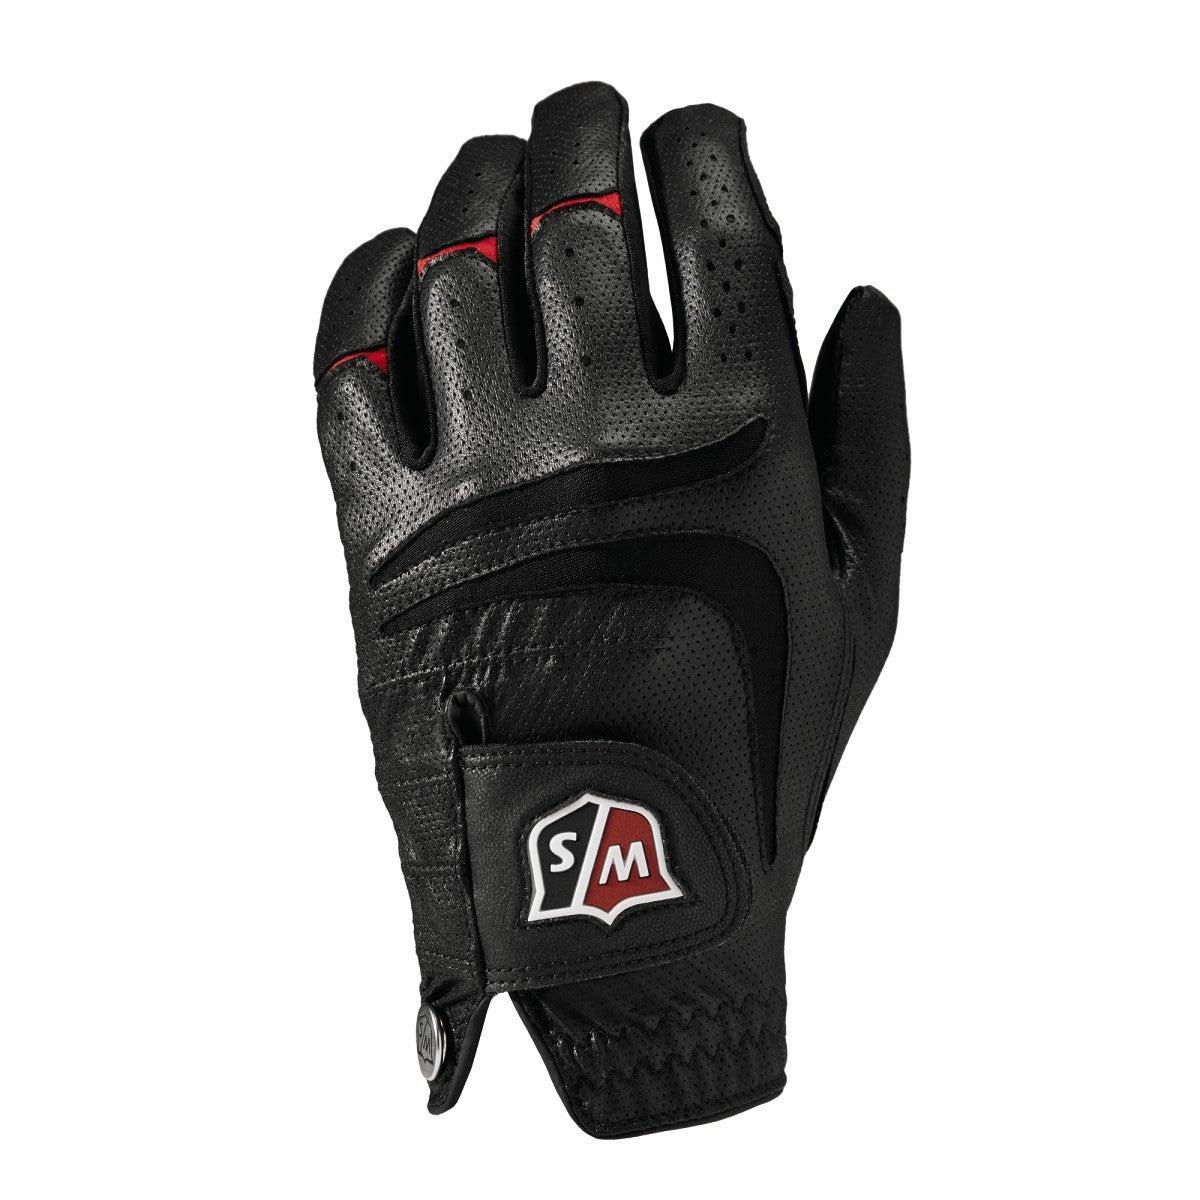 Grip Plus Handschuh